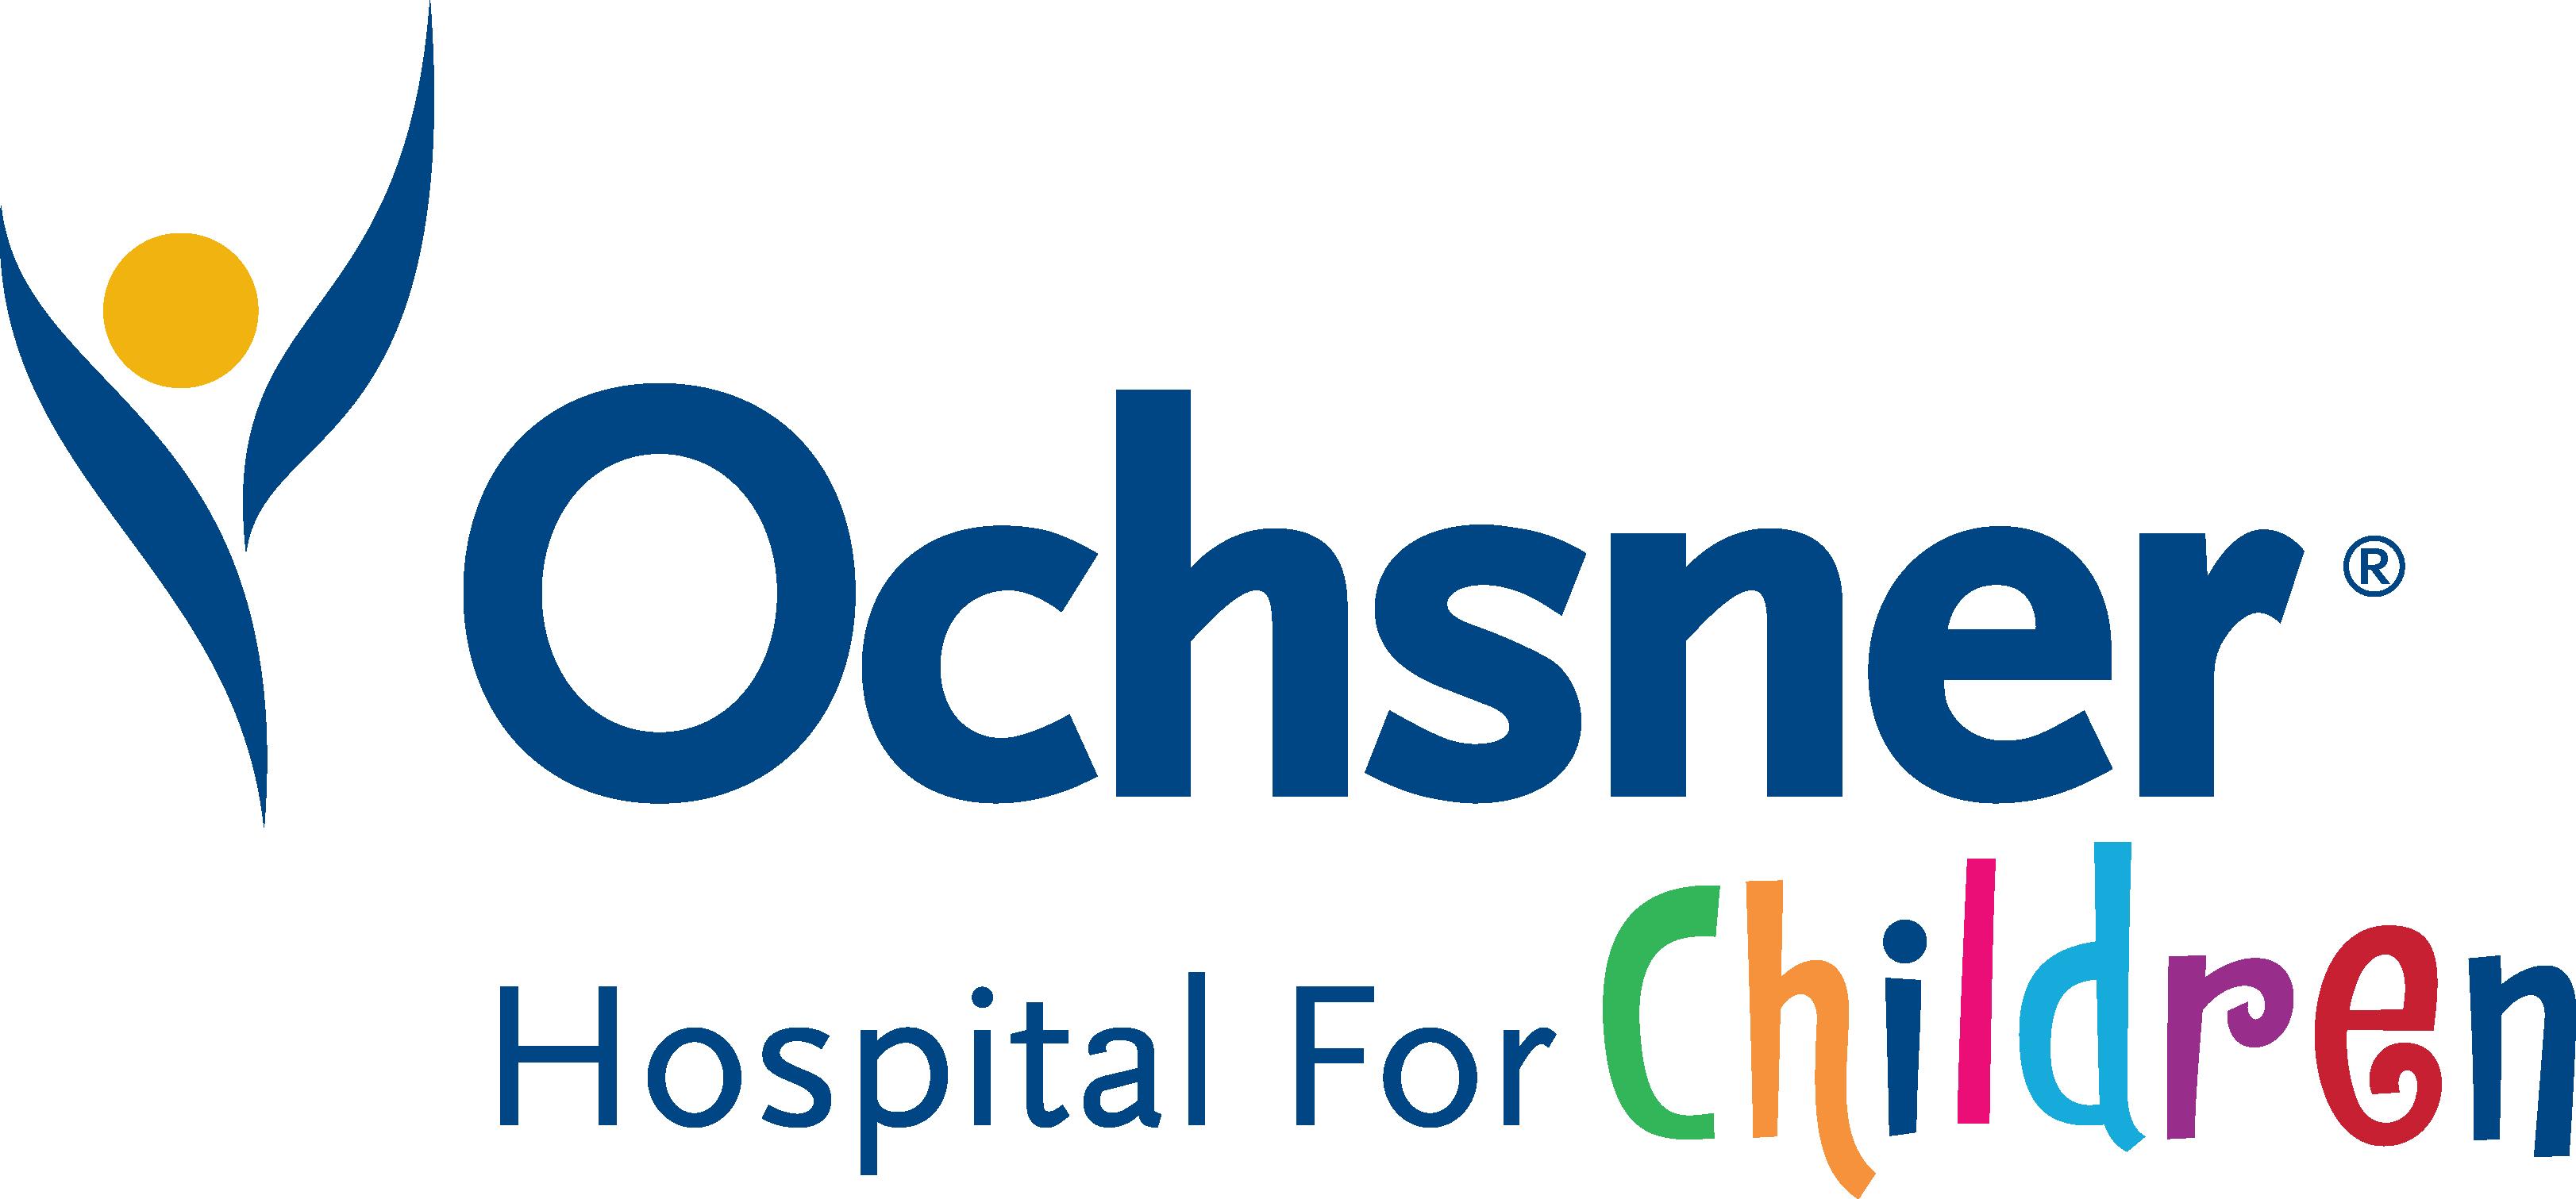 Ochsner Hospital for Children